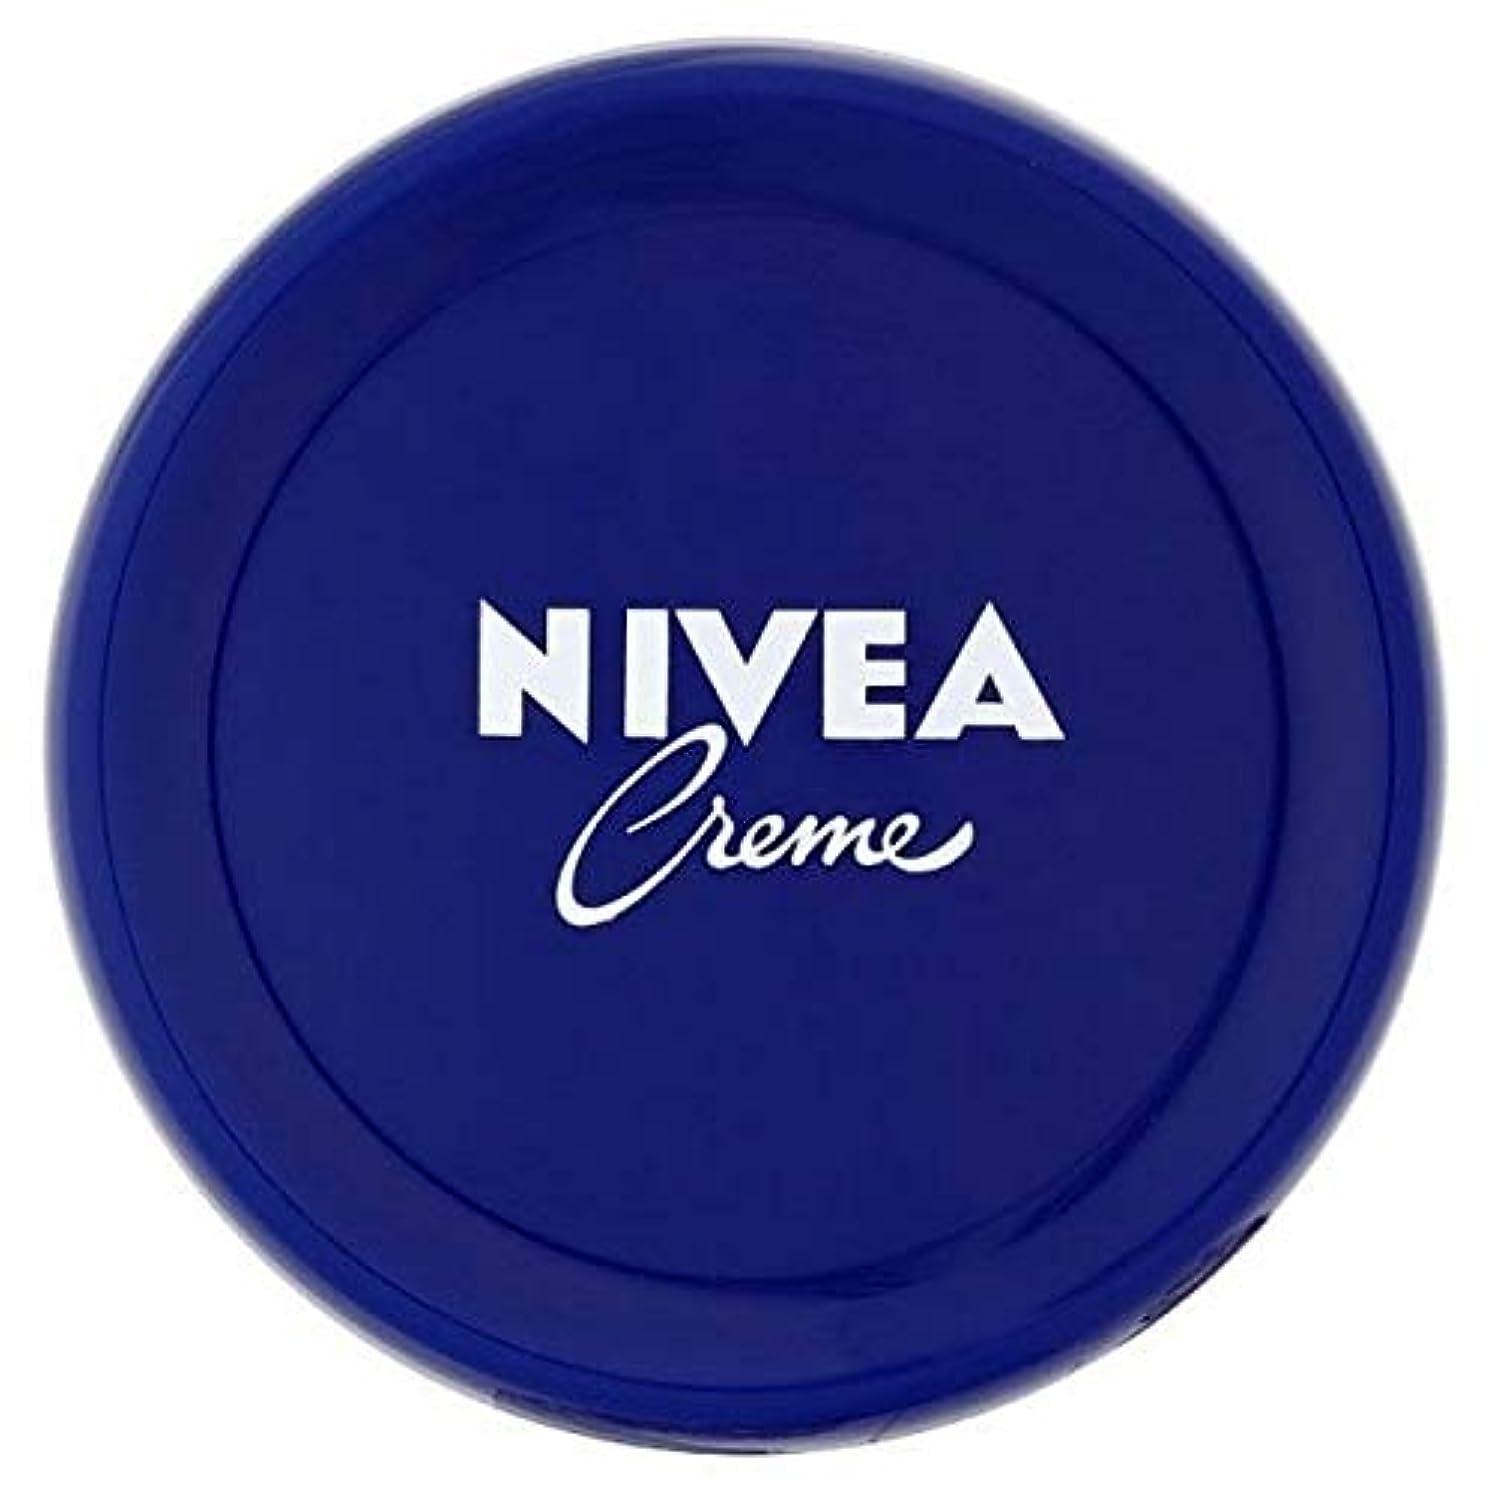 充実相対的可愛い[Nivea ] ニベアクリーム万能ボディクリーム、200ミリリットル - NIVEA Creme All Purpose Body Cream, 200ml [並行輸入品]